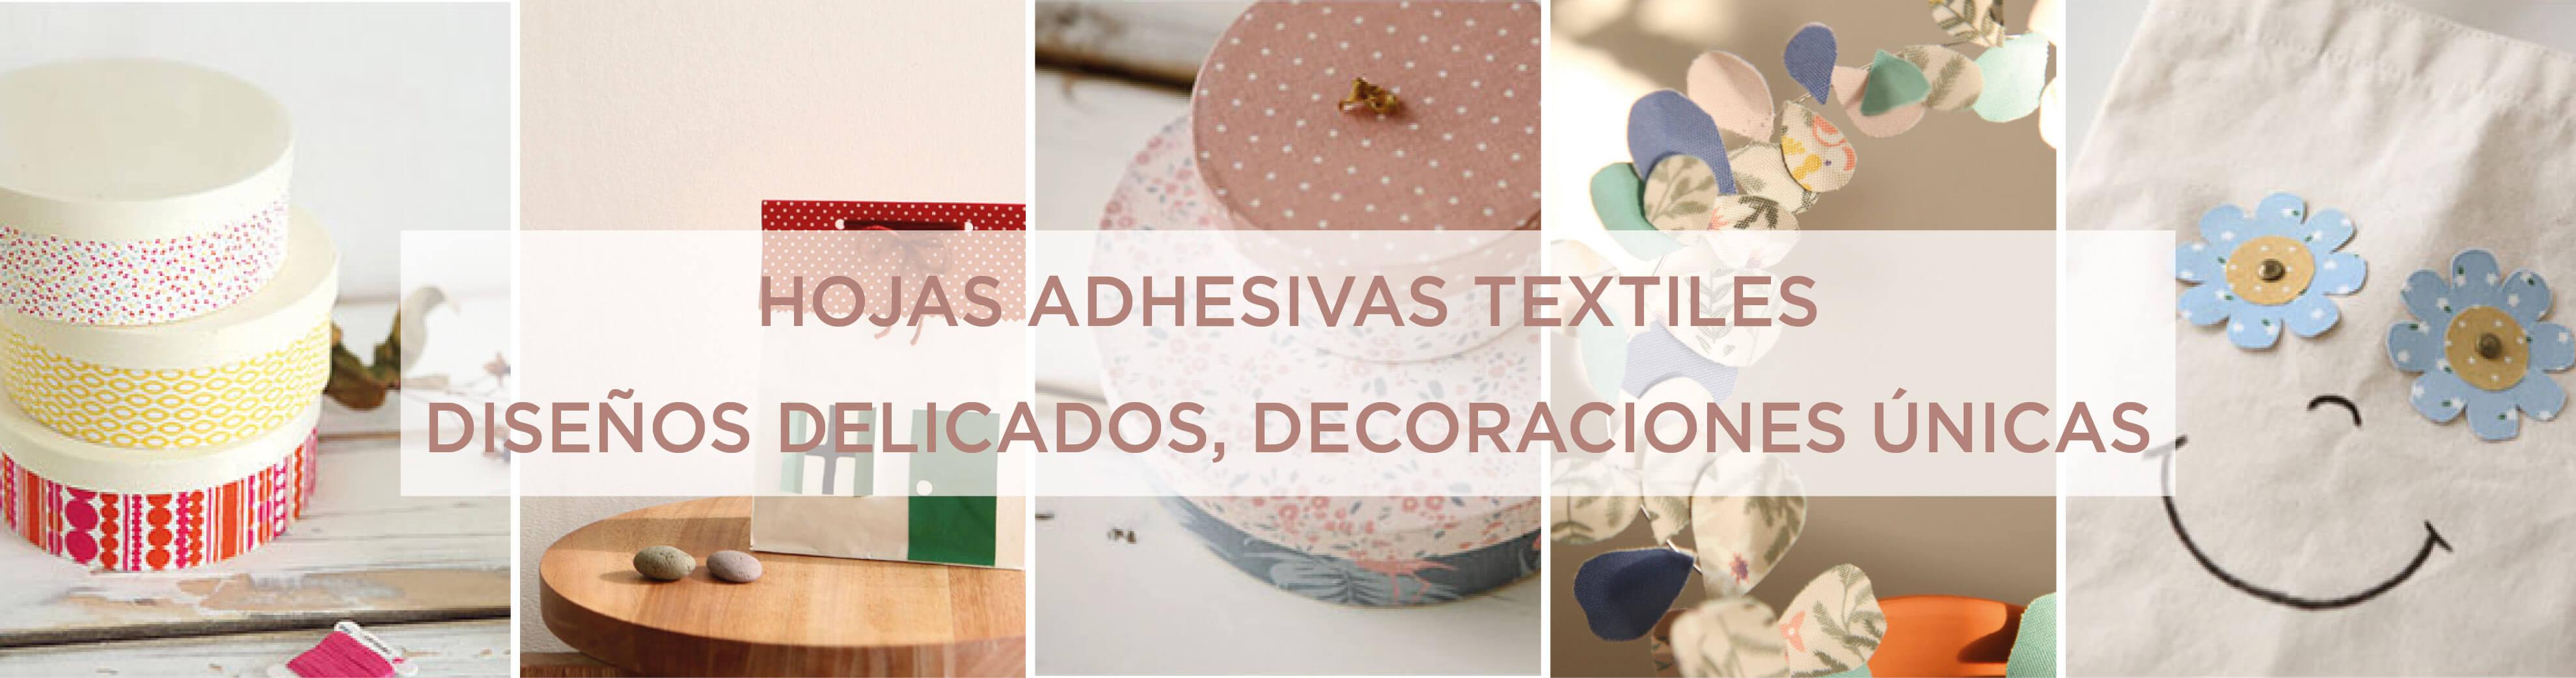 Hojas textiles adhesivas monas